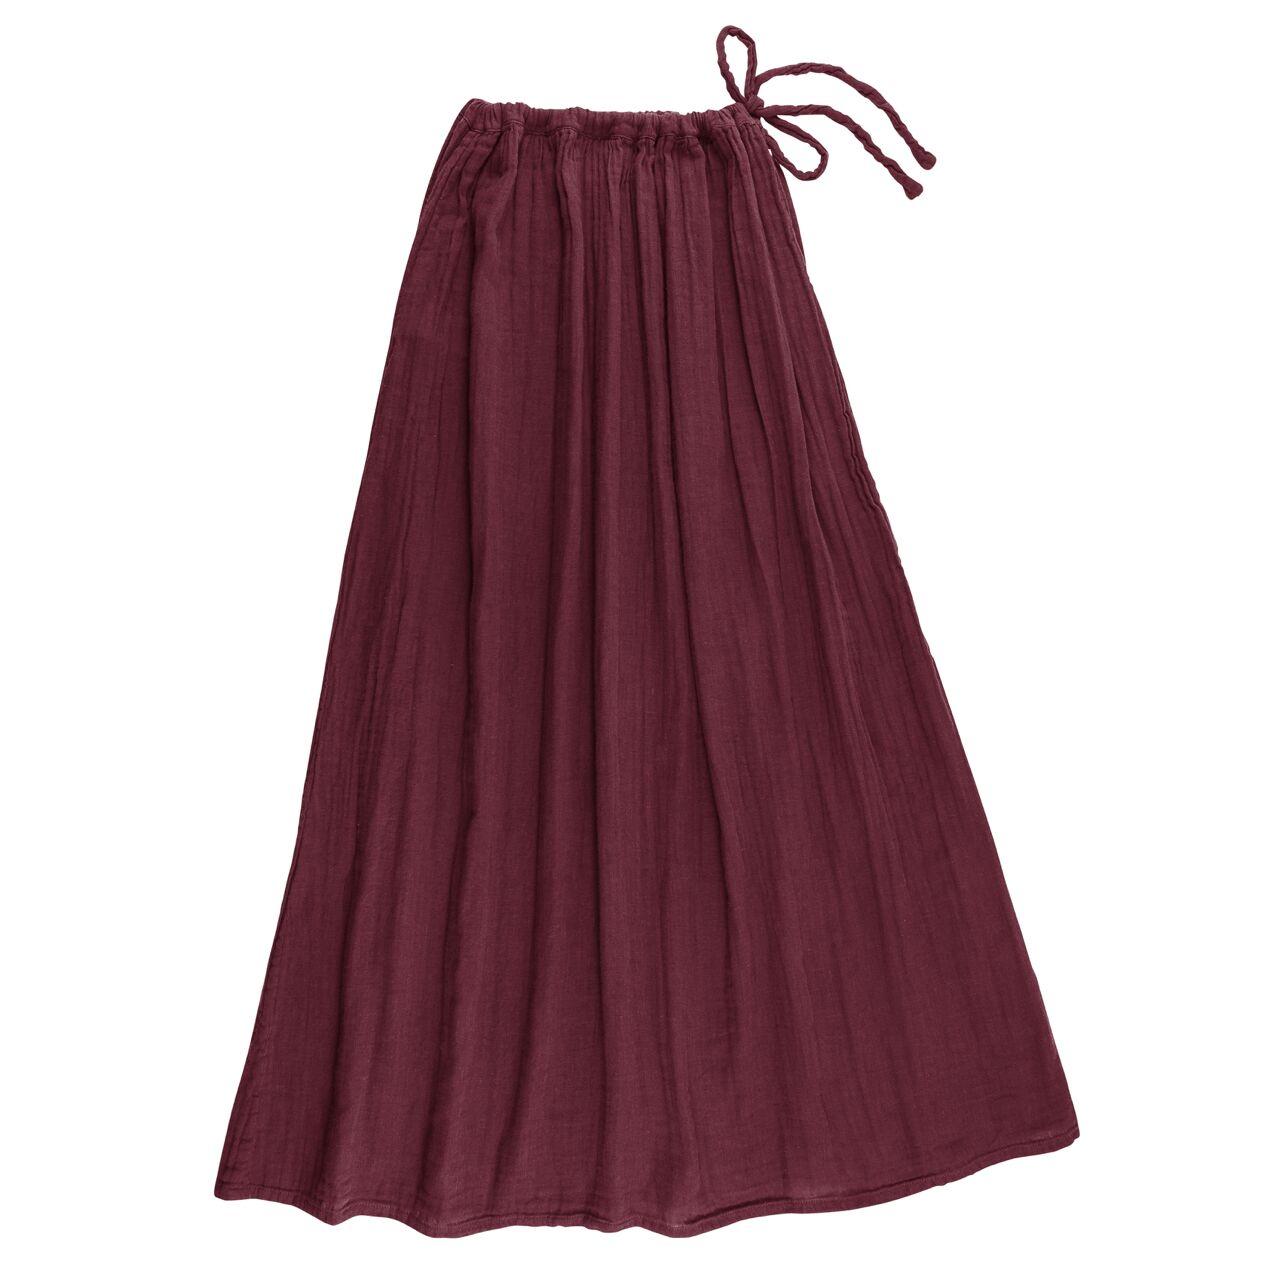 Numero 74 Ava Mum Long Skirt Red Macaron